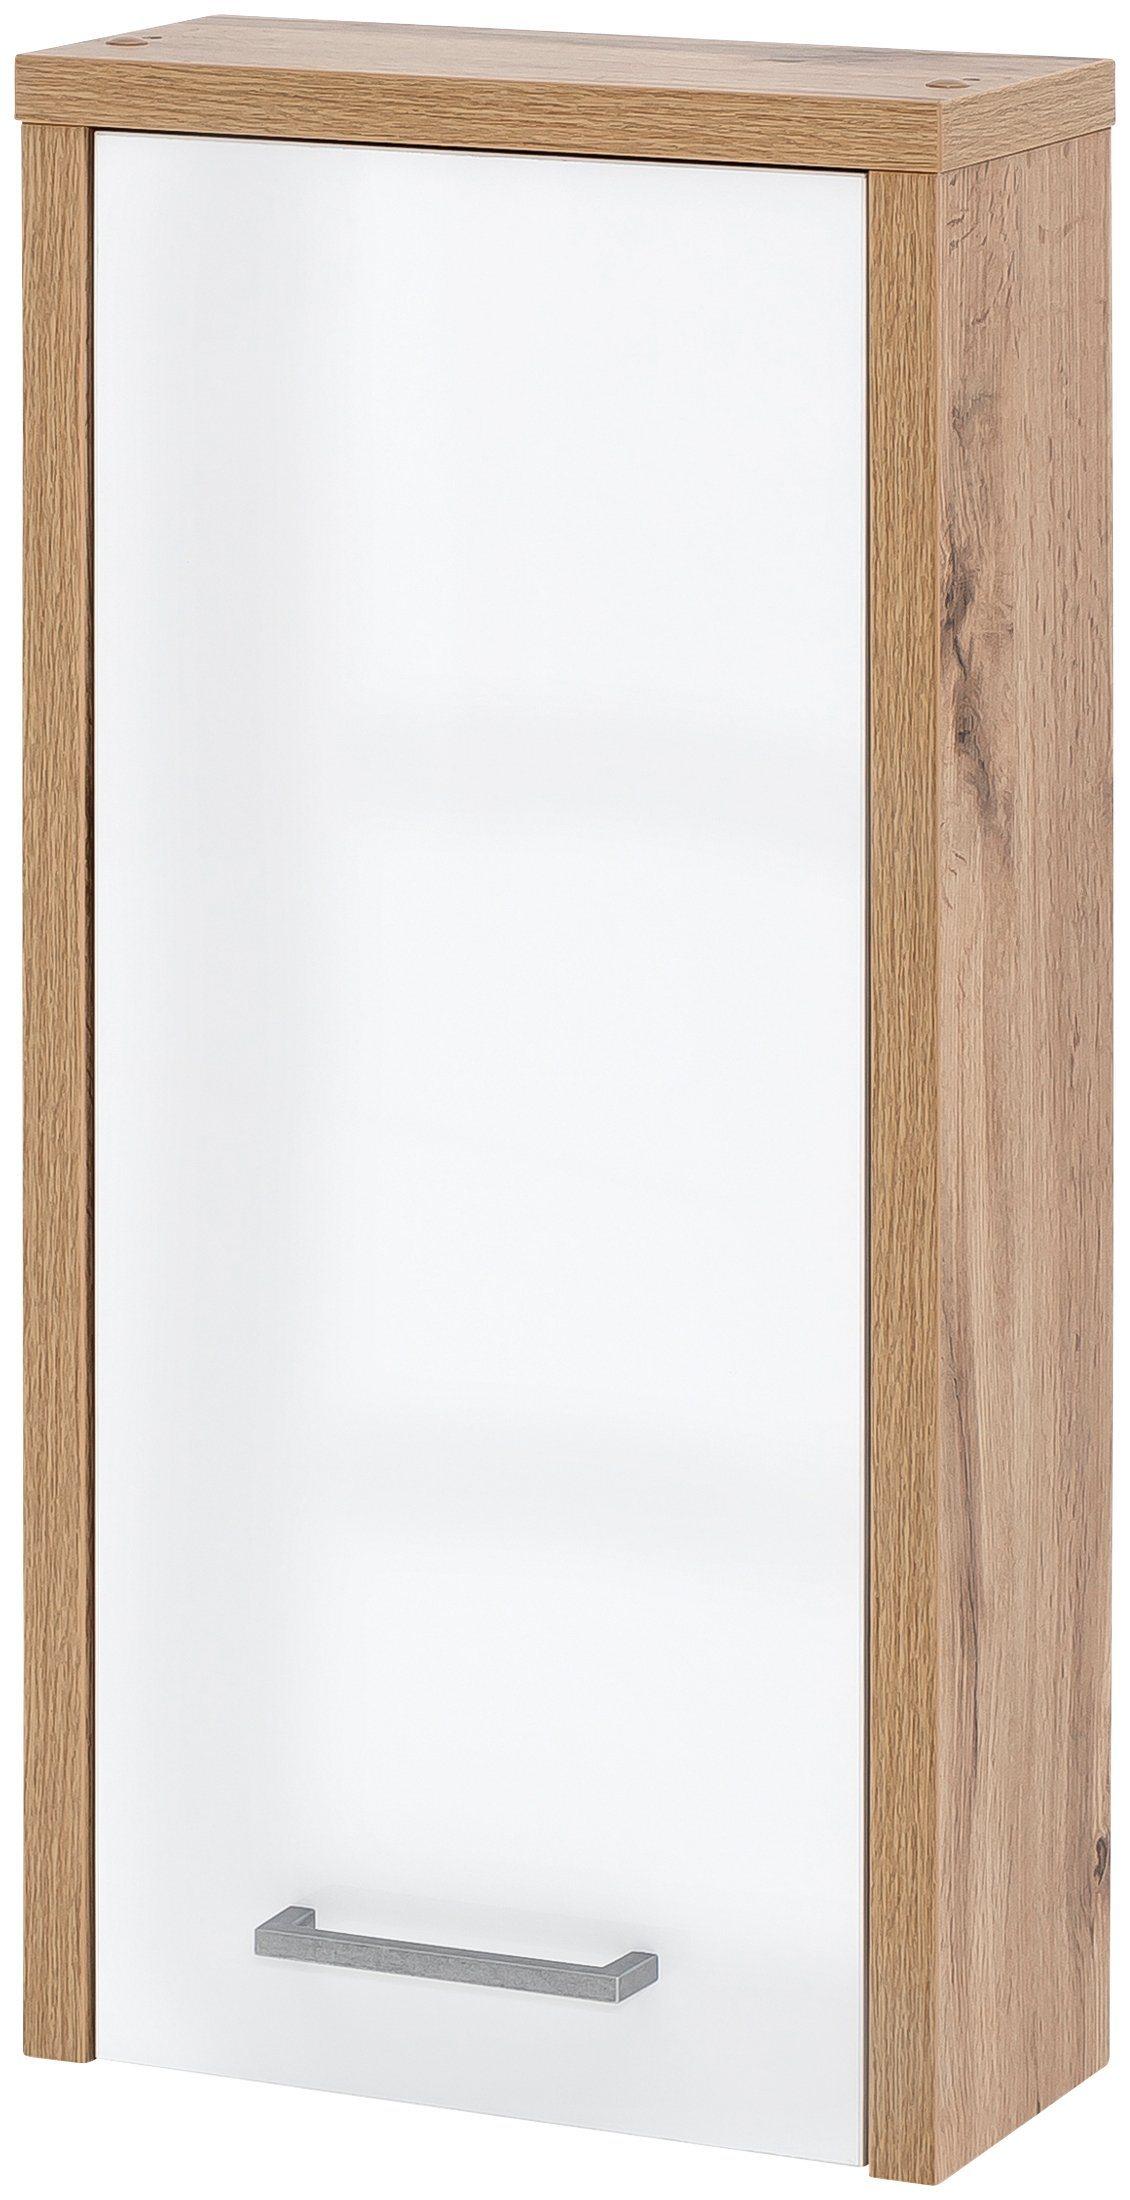 SCHILDMEYER Badhängeschrank »Soko«   Bad > Badmöbel > Hängeschränke fürs Bad   Weiß   Spanplatte   Schildmeyer